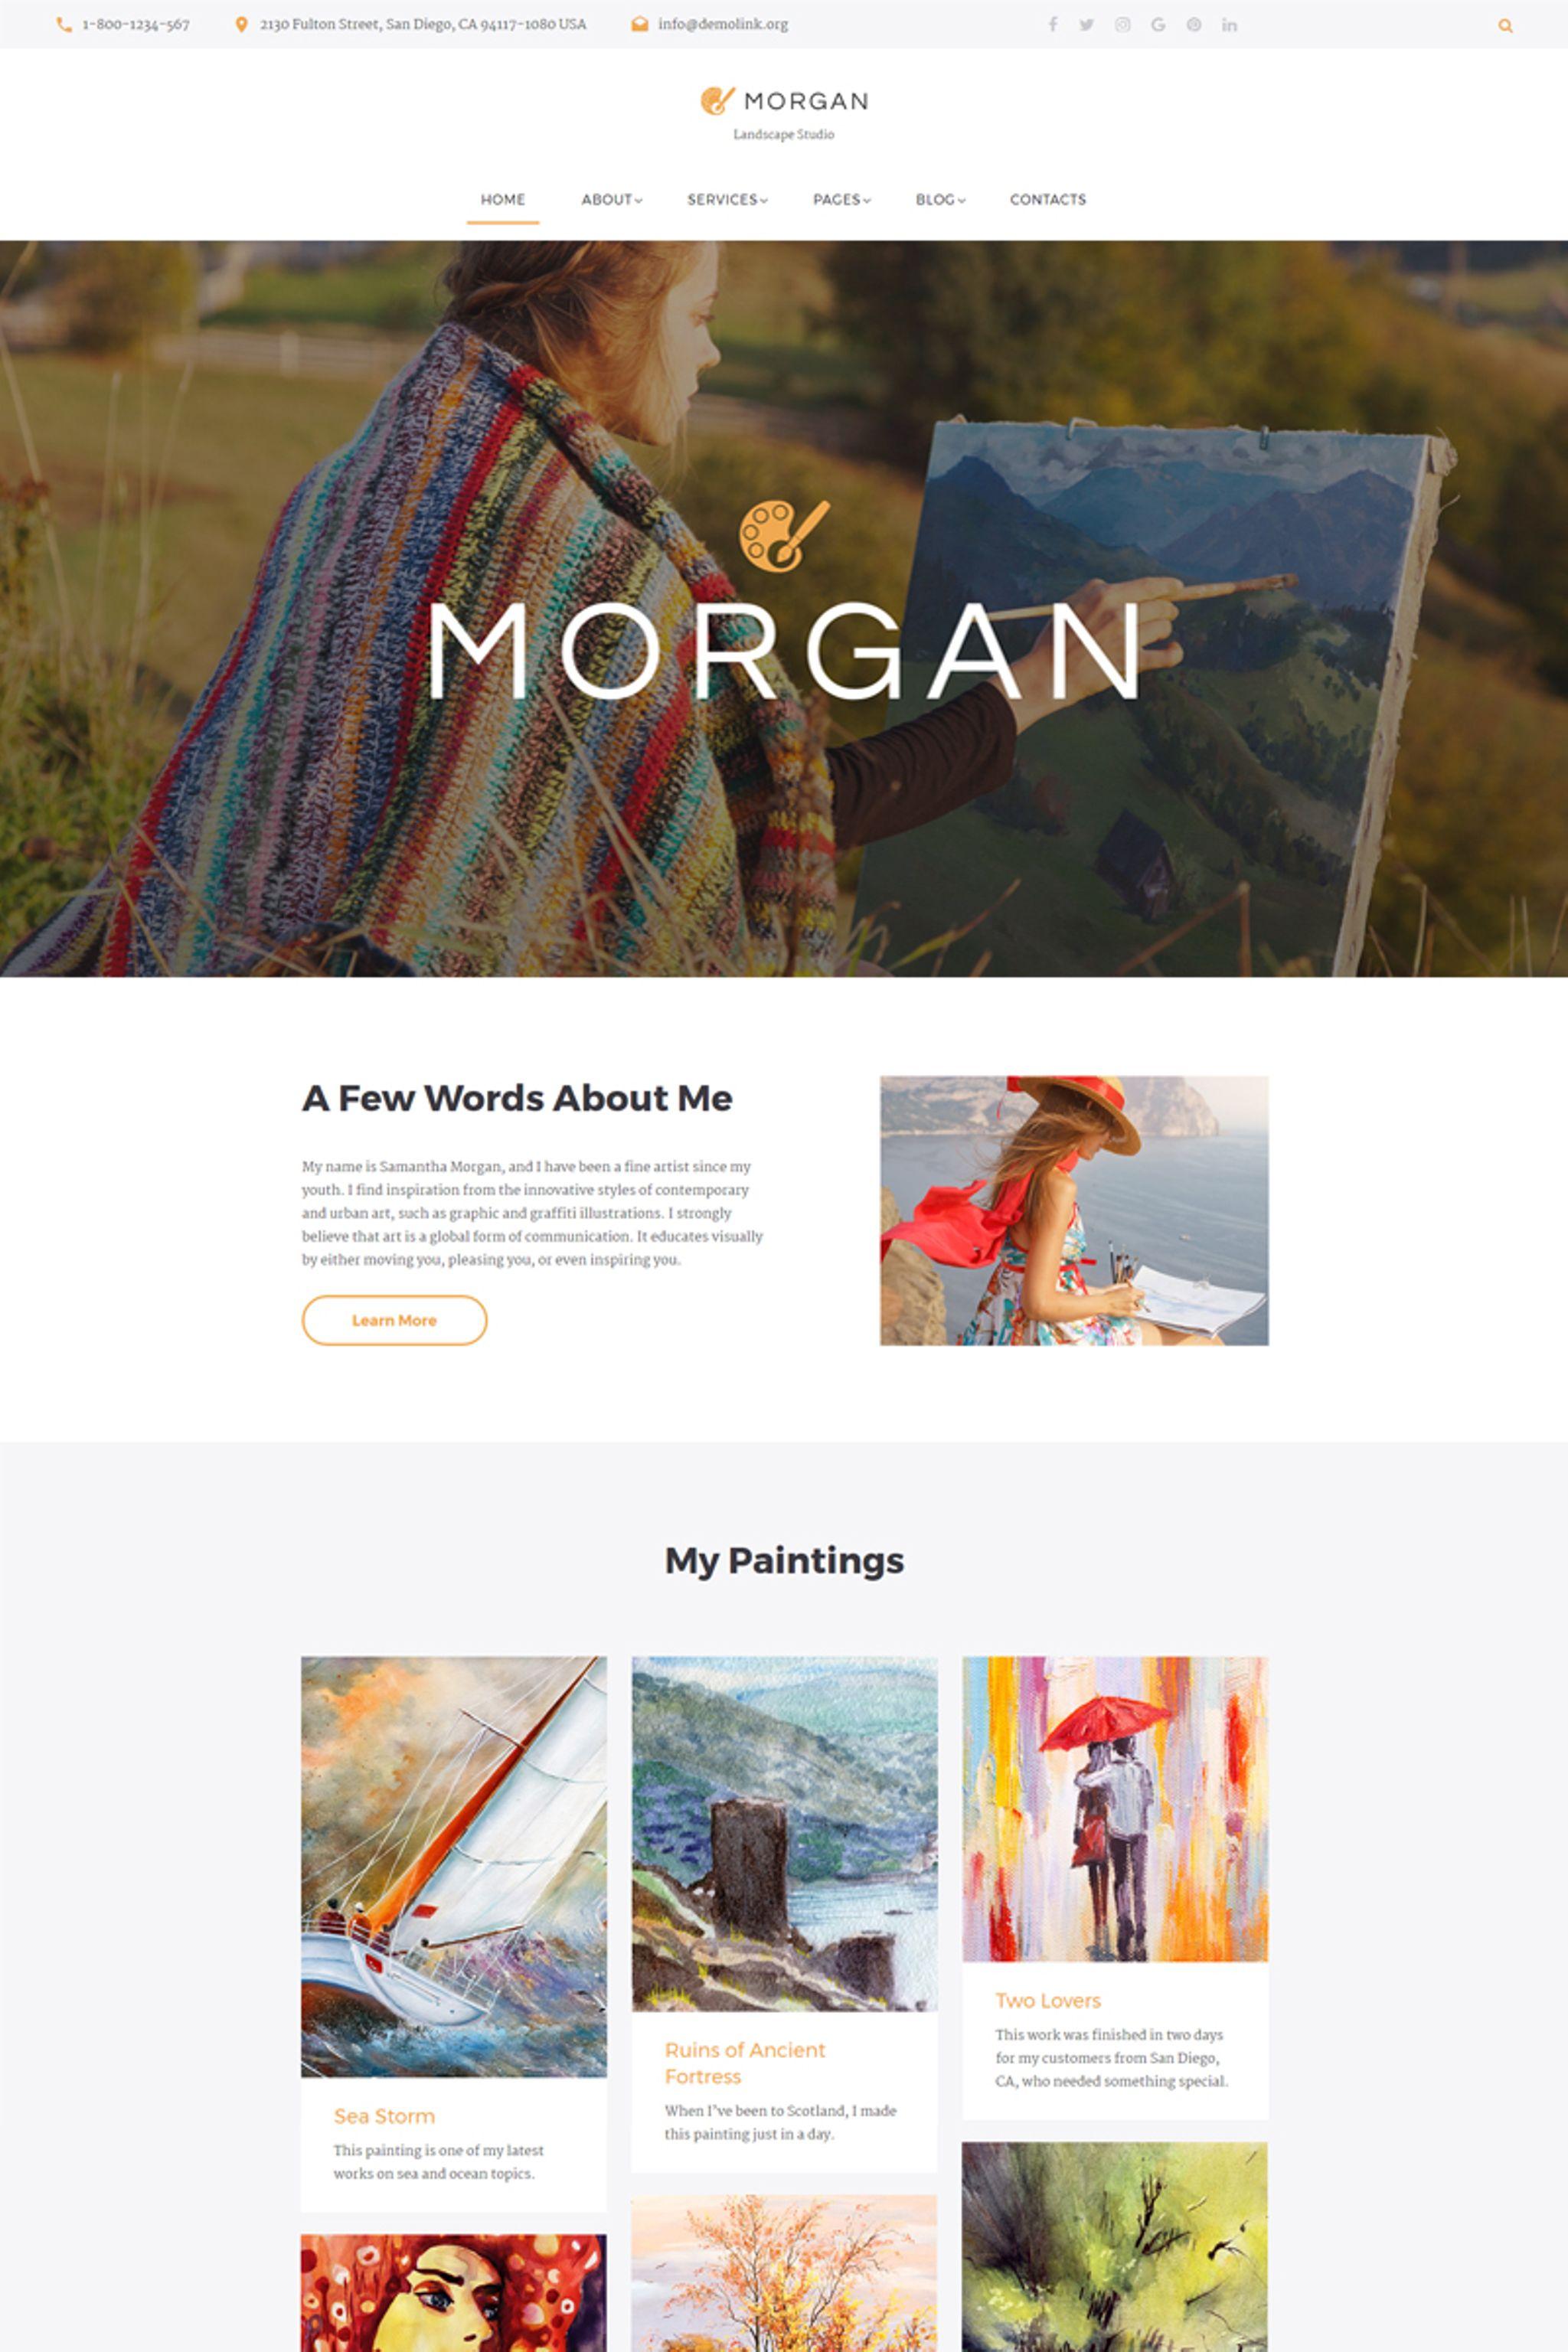 morgan artist portfolio multipage html5 website template 67197. Black Bedroom Furniture Sets. Home Design Ideas